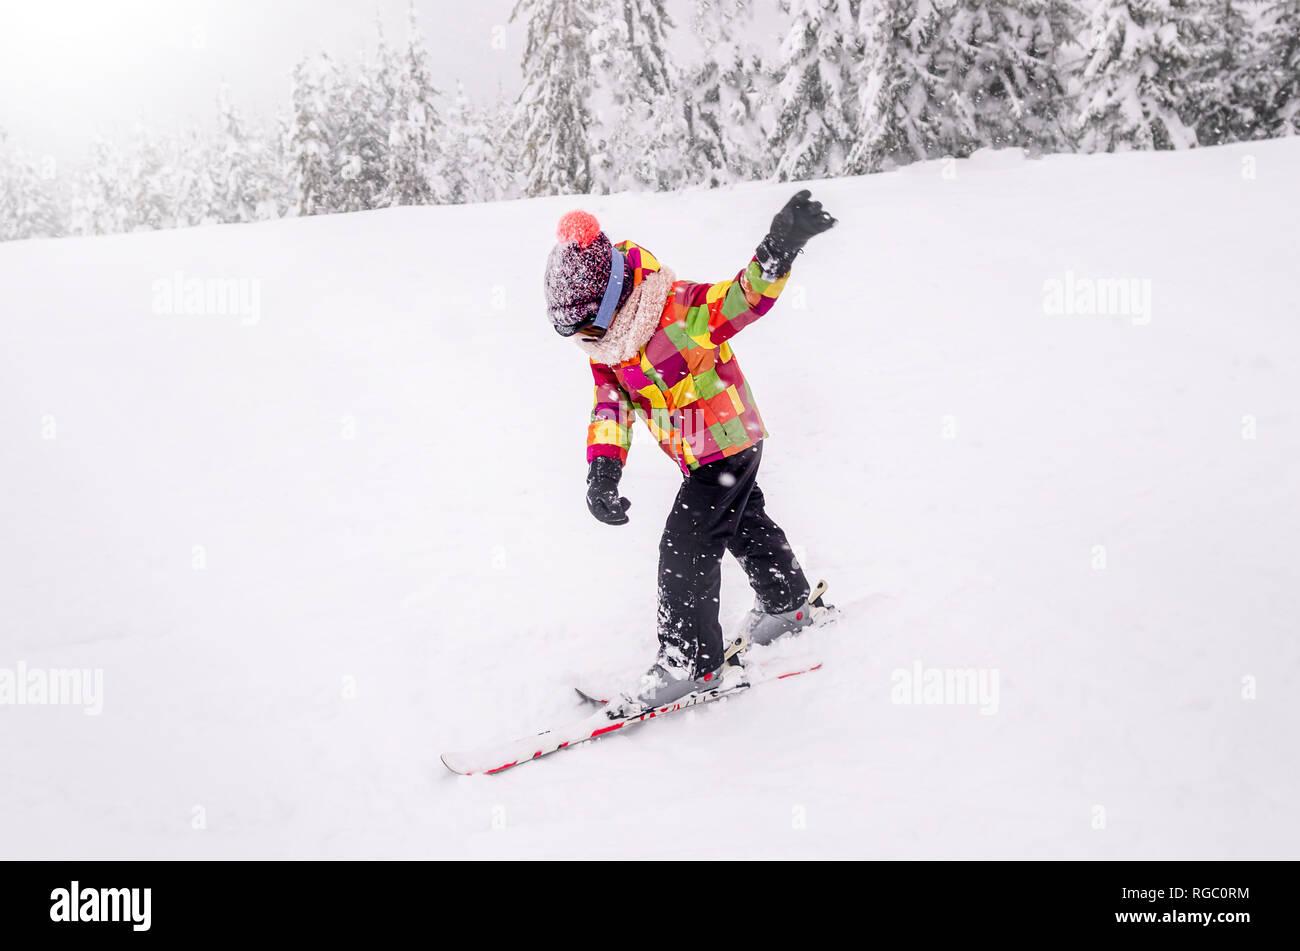 A little boy learn downhill skiing. Kid in ski school. Winter sport for kids. - Stock Image